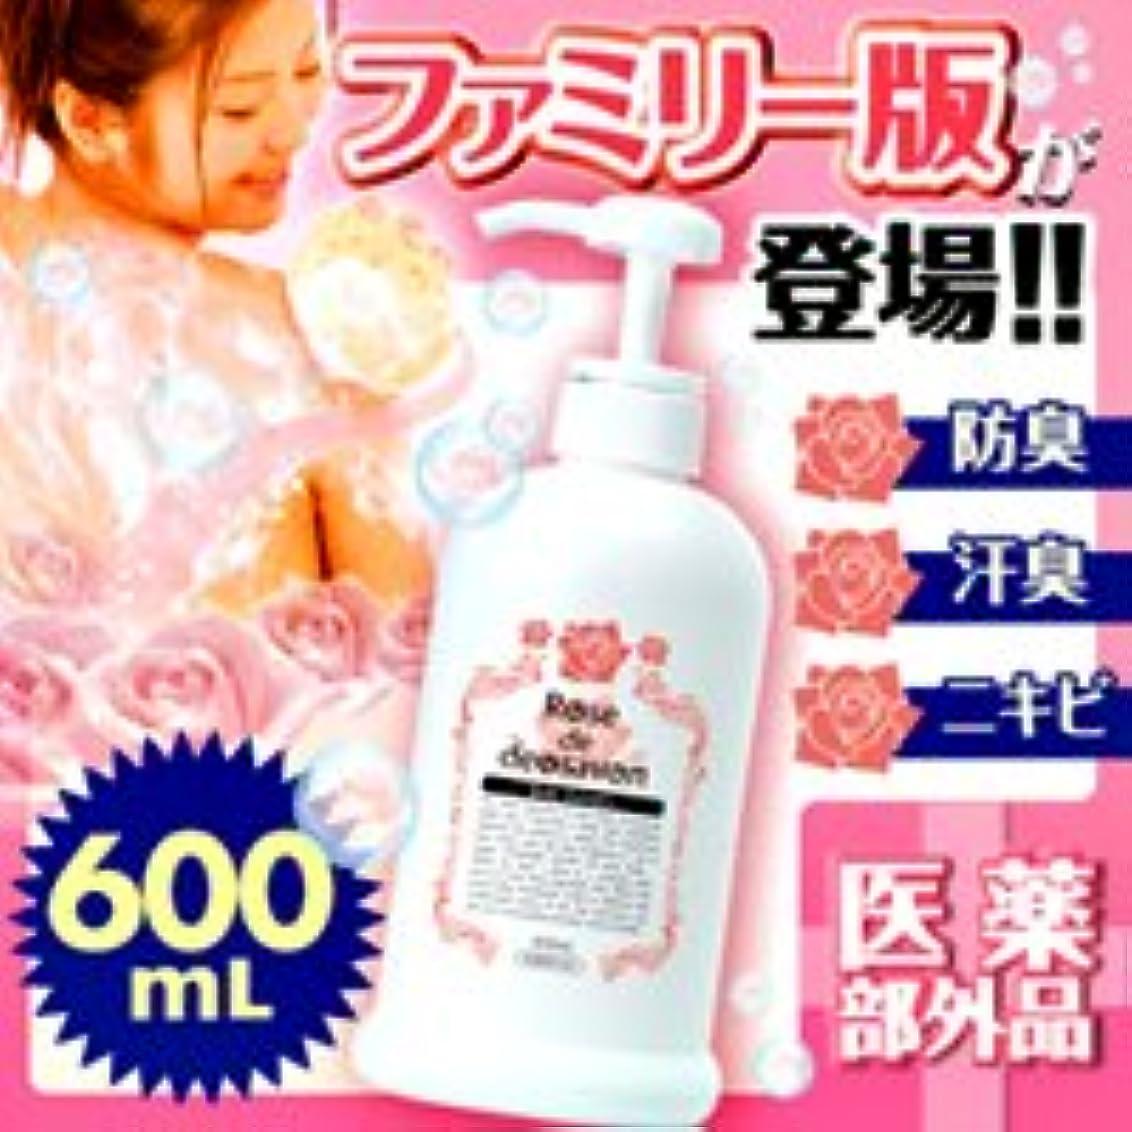 問い合わせる装置構成するローズドデオシャボン 増量版600ml ※体臭や加齢臭対策に大人気!ファミリー版新登場です!